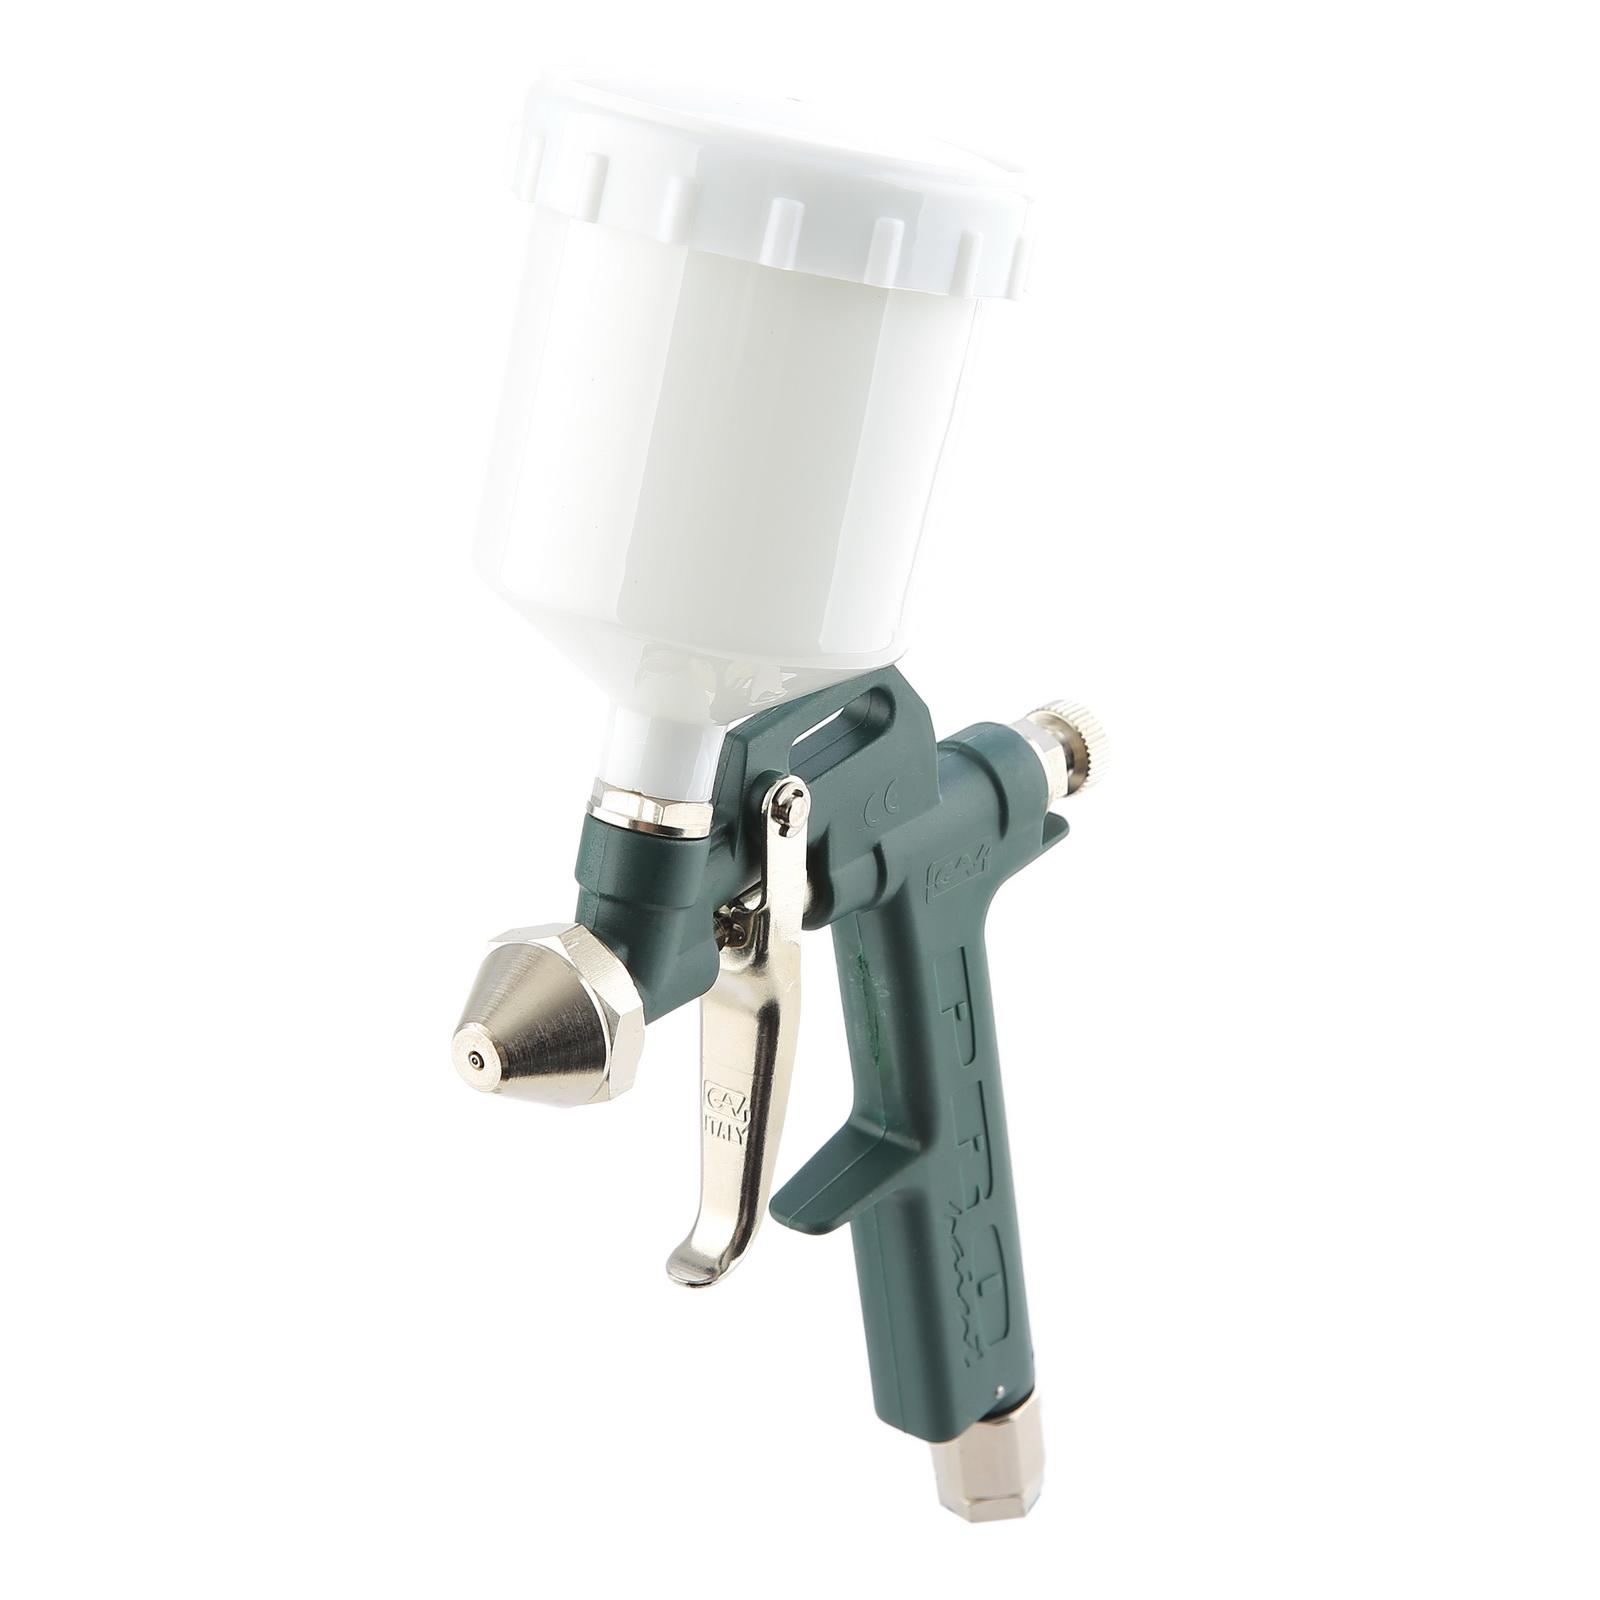 Краскопульт пневматический Metabo Fsp100 (601574000) canon cli 8 magenta картридж для струйных мфу принтеров